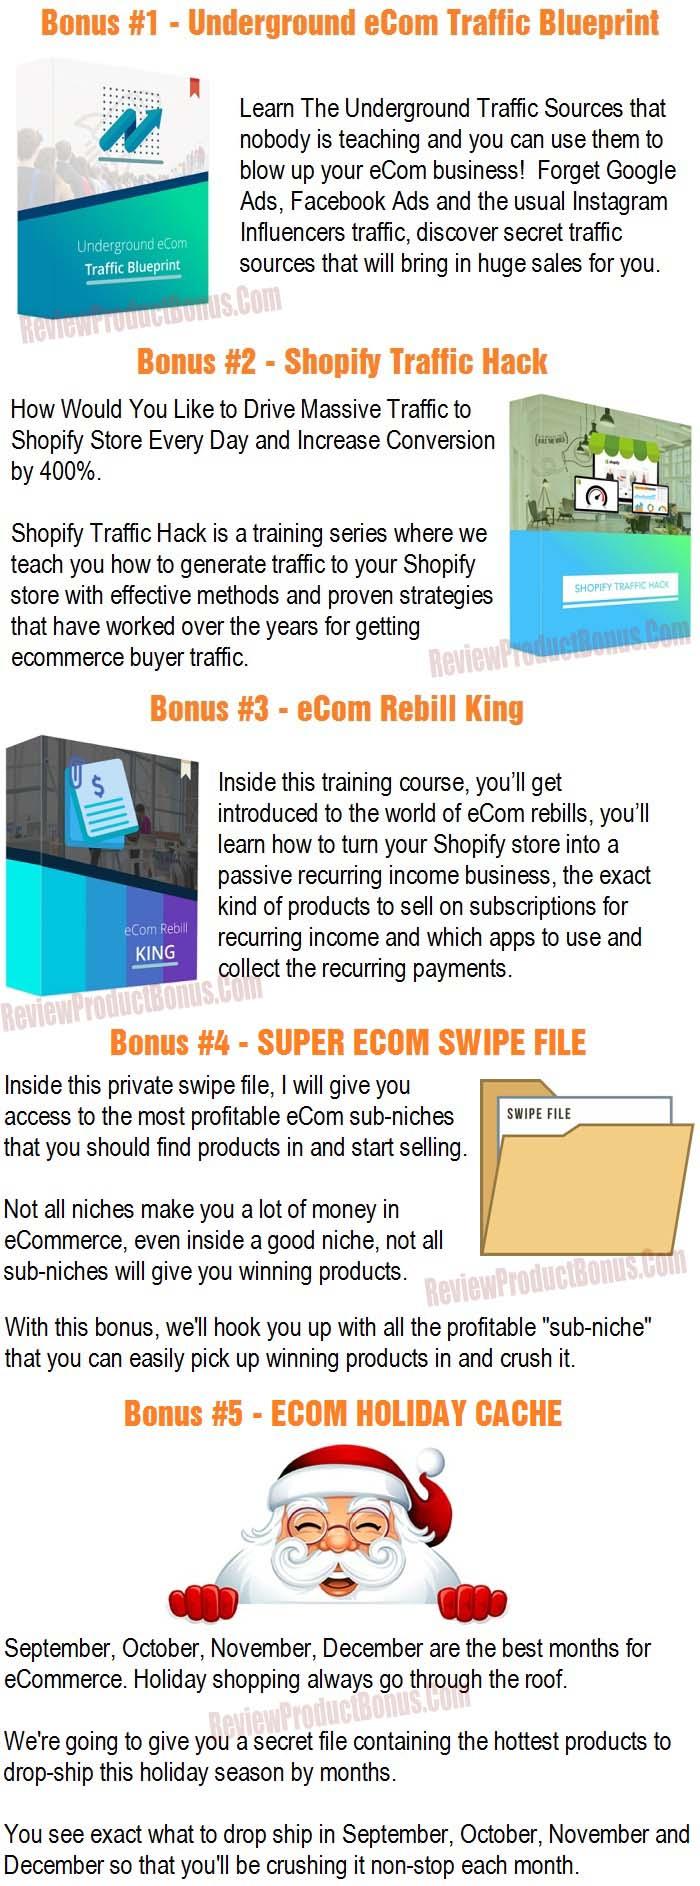 eCom Cache Bonus